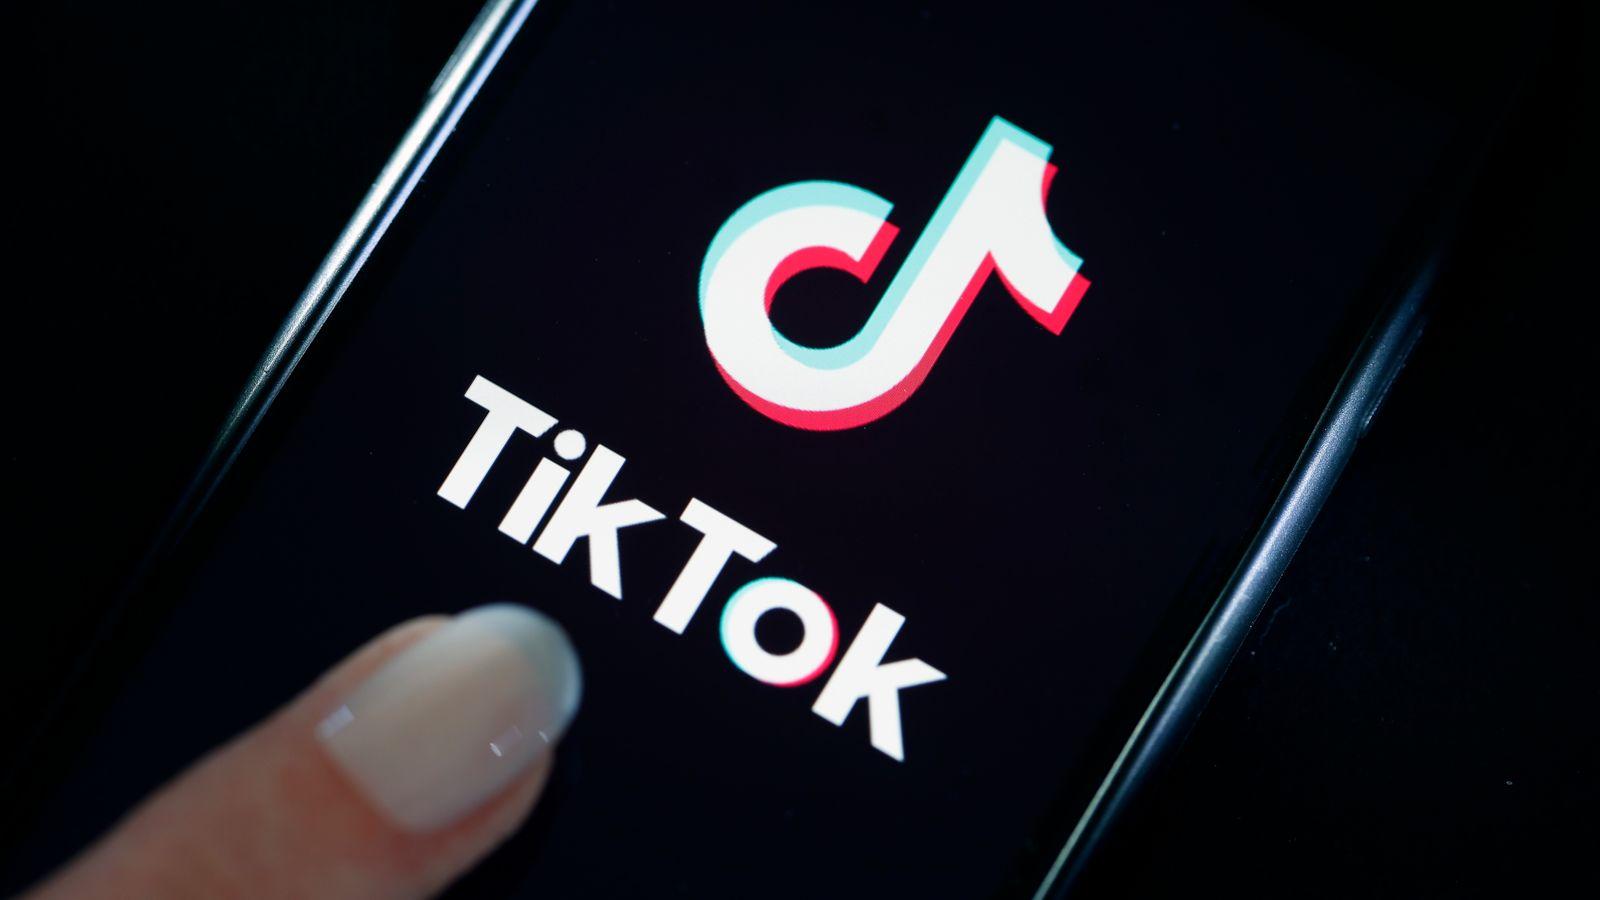 Secretario del Tesoro dice que Trump puede forzar venta o bloquear TikTok